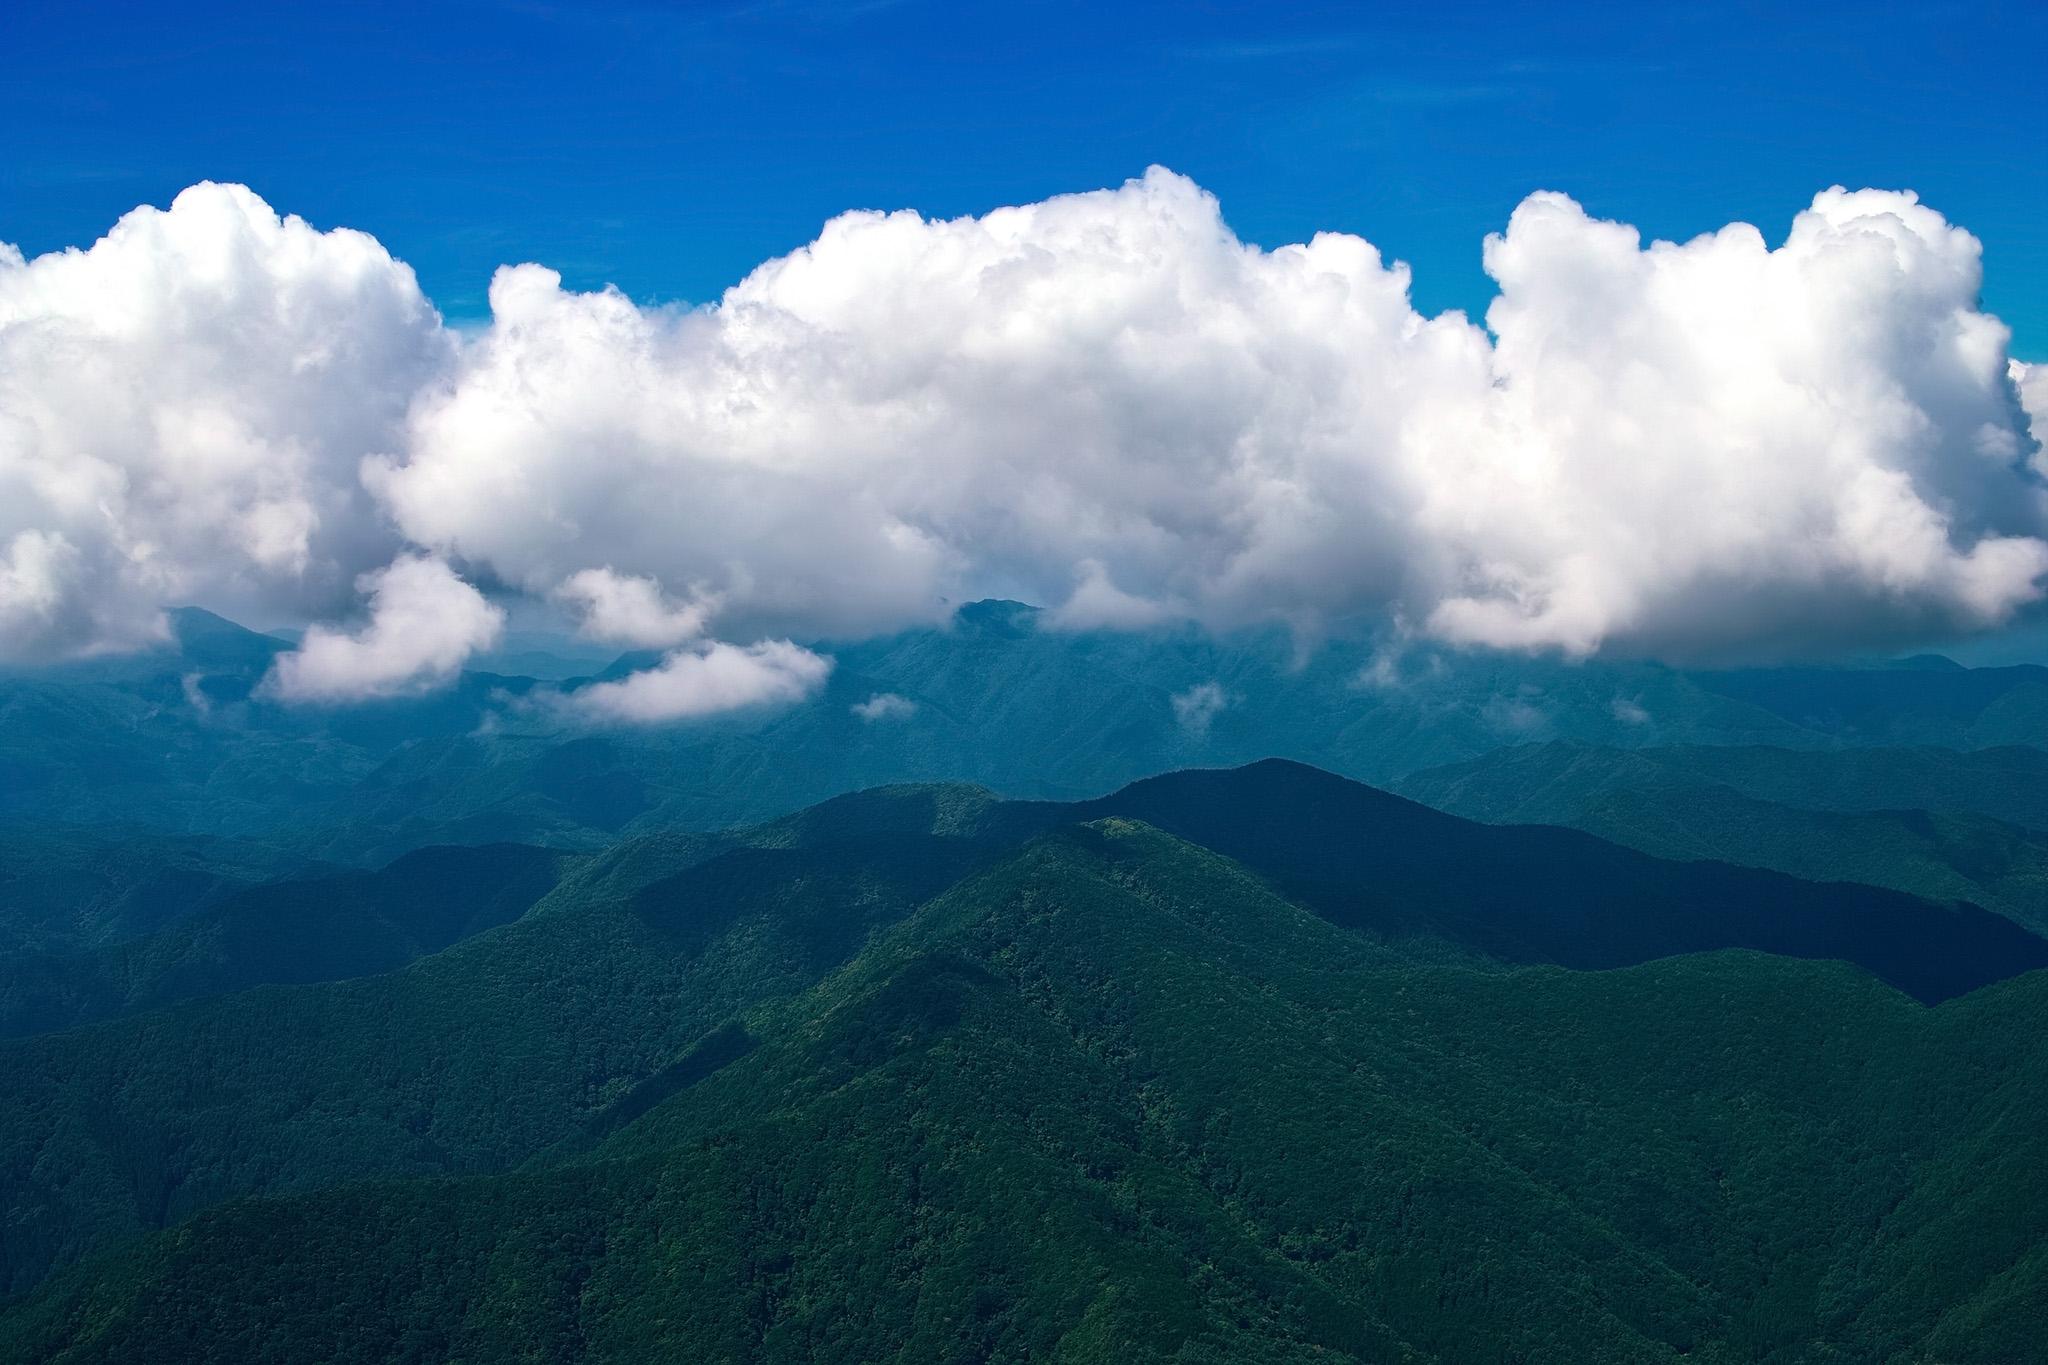 「山の上に大きな雲がかかる」の画像を無料ダウンロード